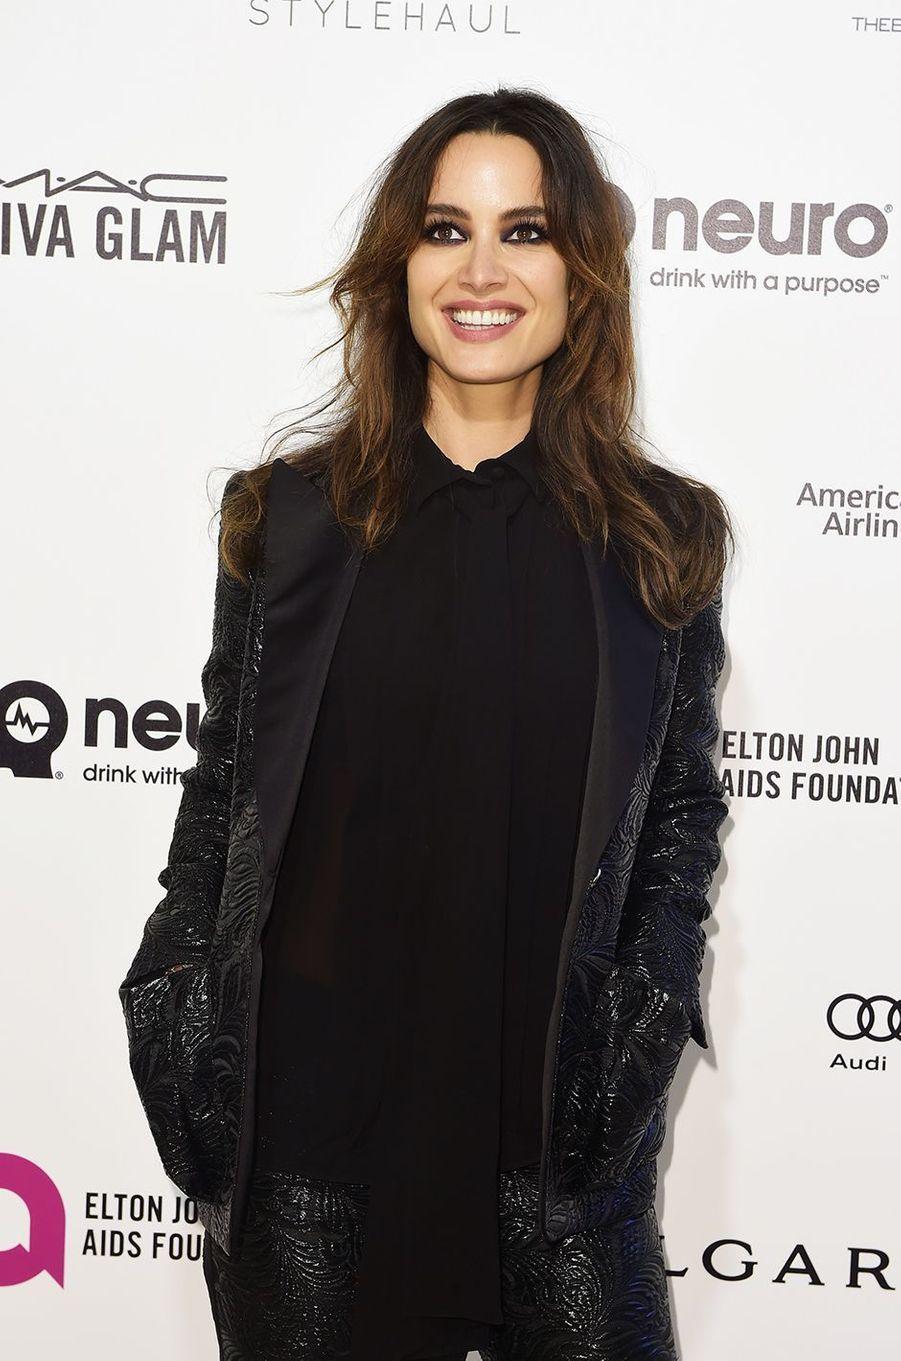 Bérénice Marlohe au gala organisé au profit de la recherche contre le Sida à Los Angeles le 28 février 2016